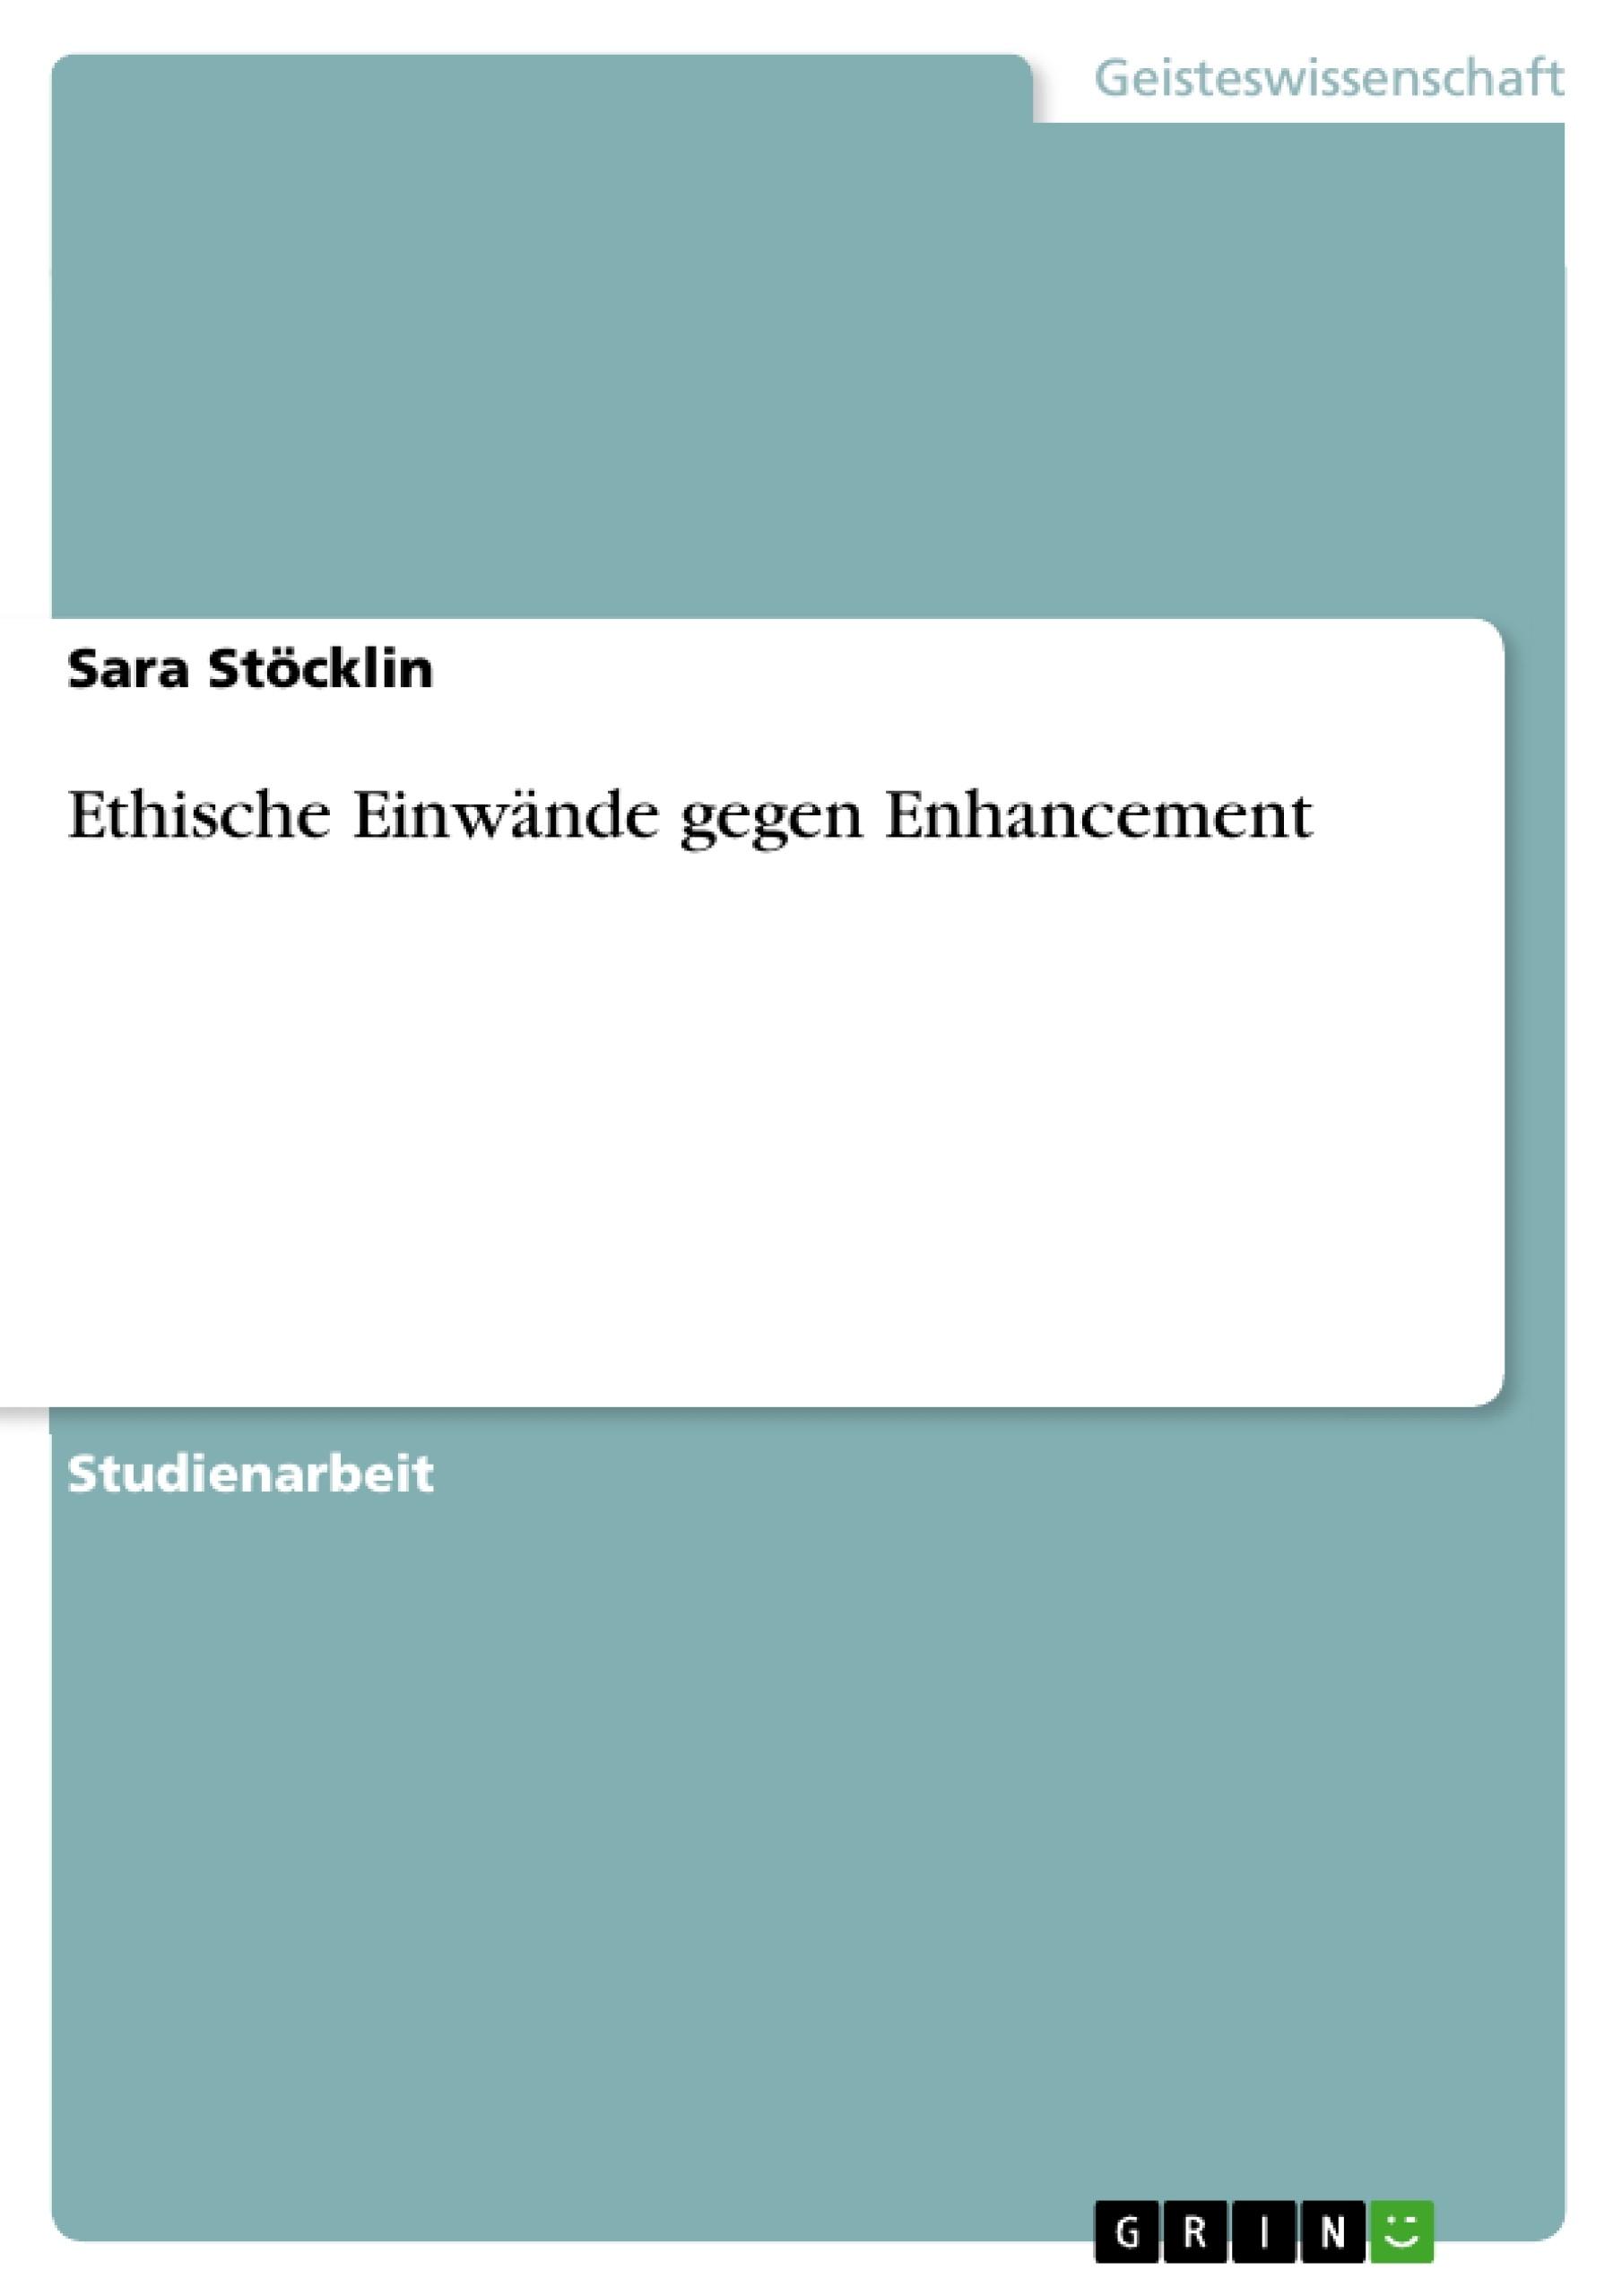 Titel: Ethische Einwände gegen Enhancement